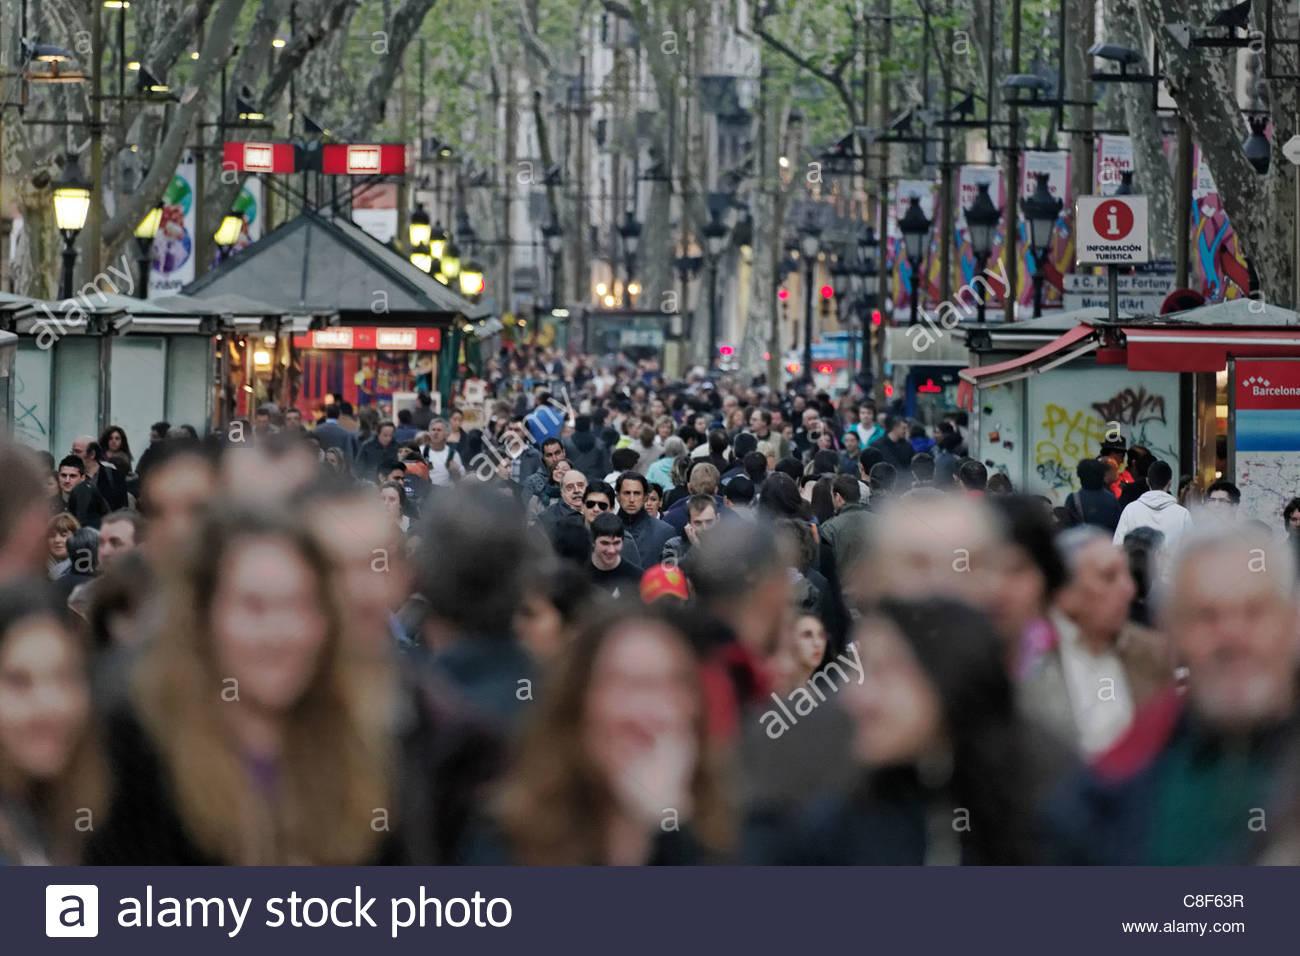 Barcelona's Rambla de Catalunya neighborhood. - Stock Image